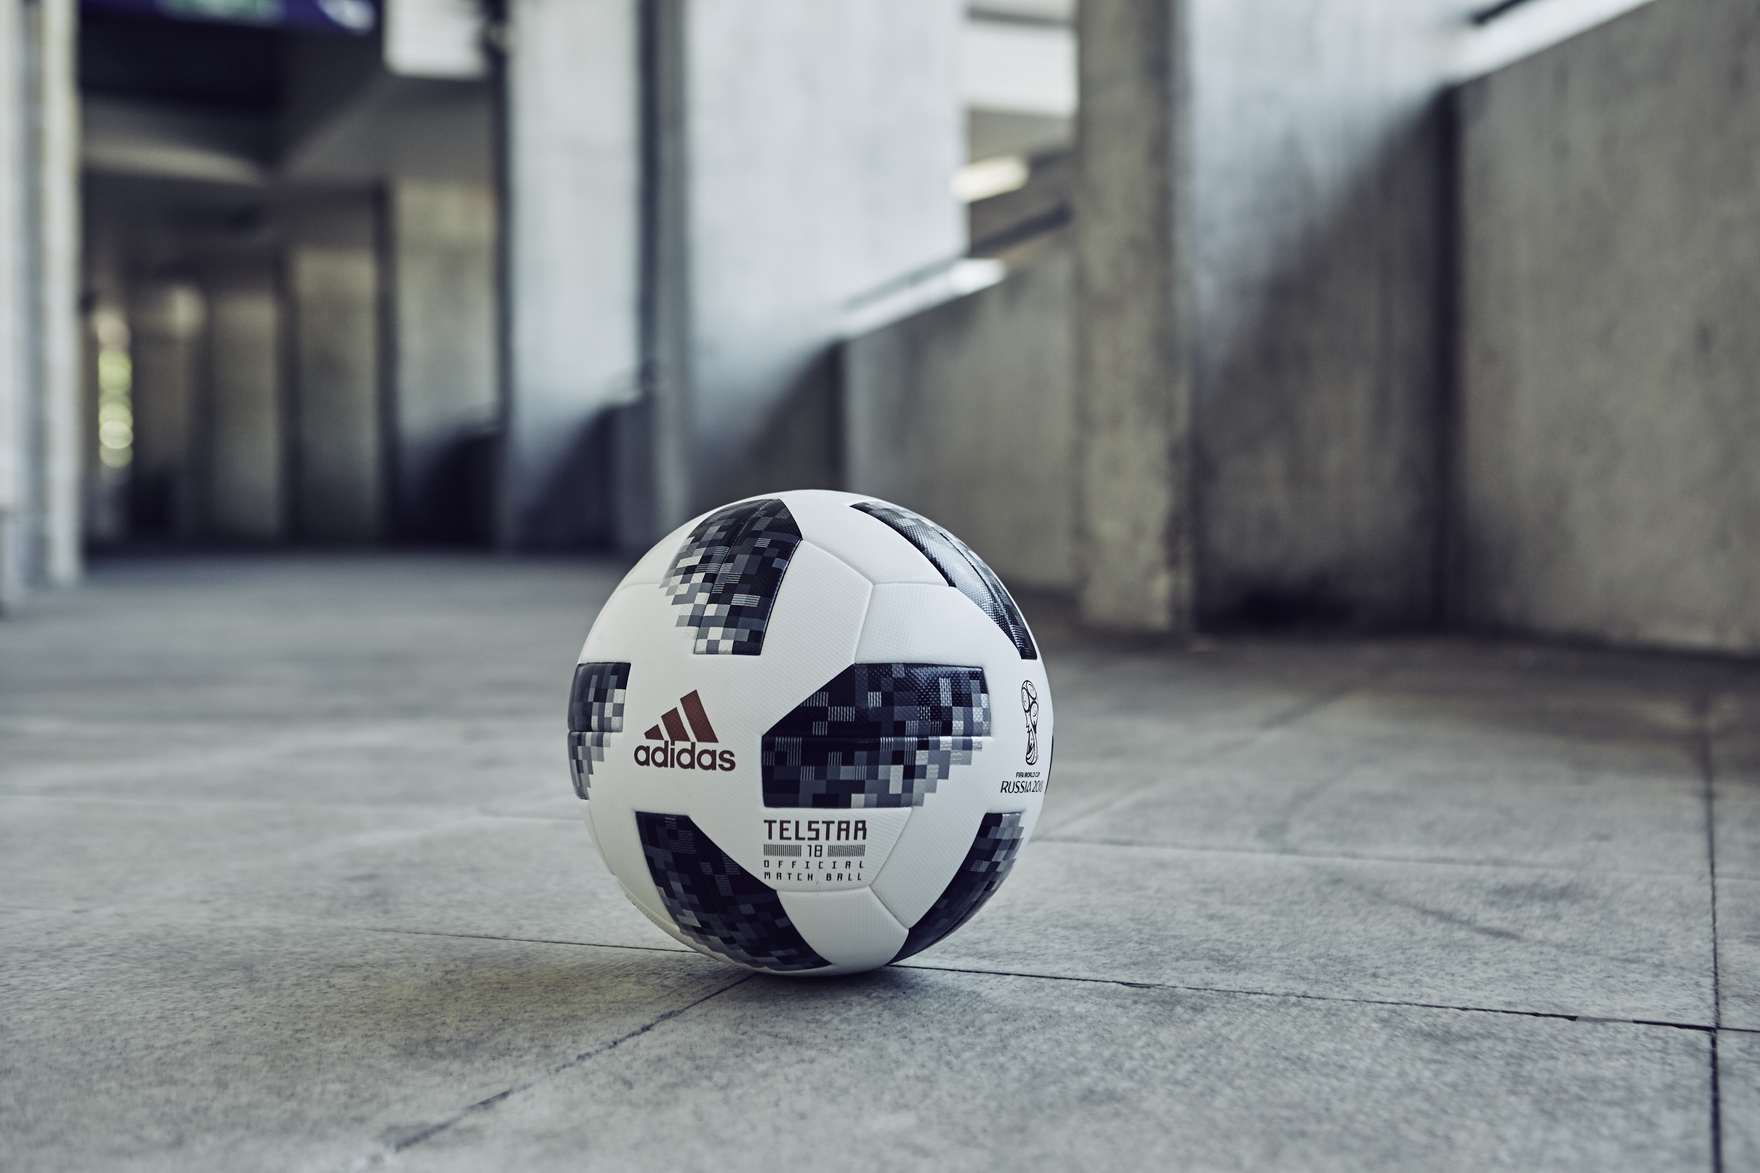 Simple Football Ball World Cup 2018 - bce4944a-a904-47b5-90e3-017e153076e5  2018_907360 .jpg